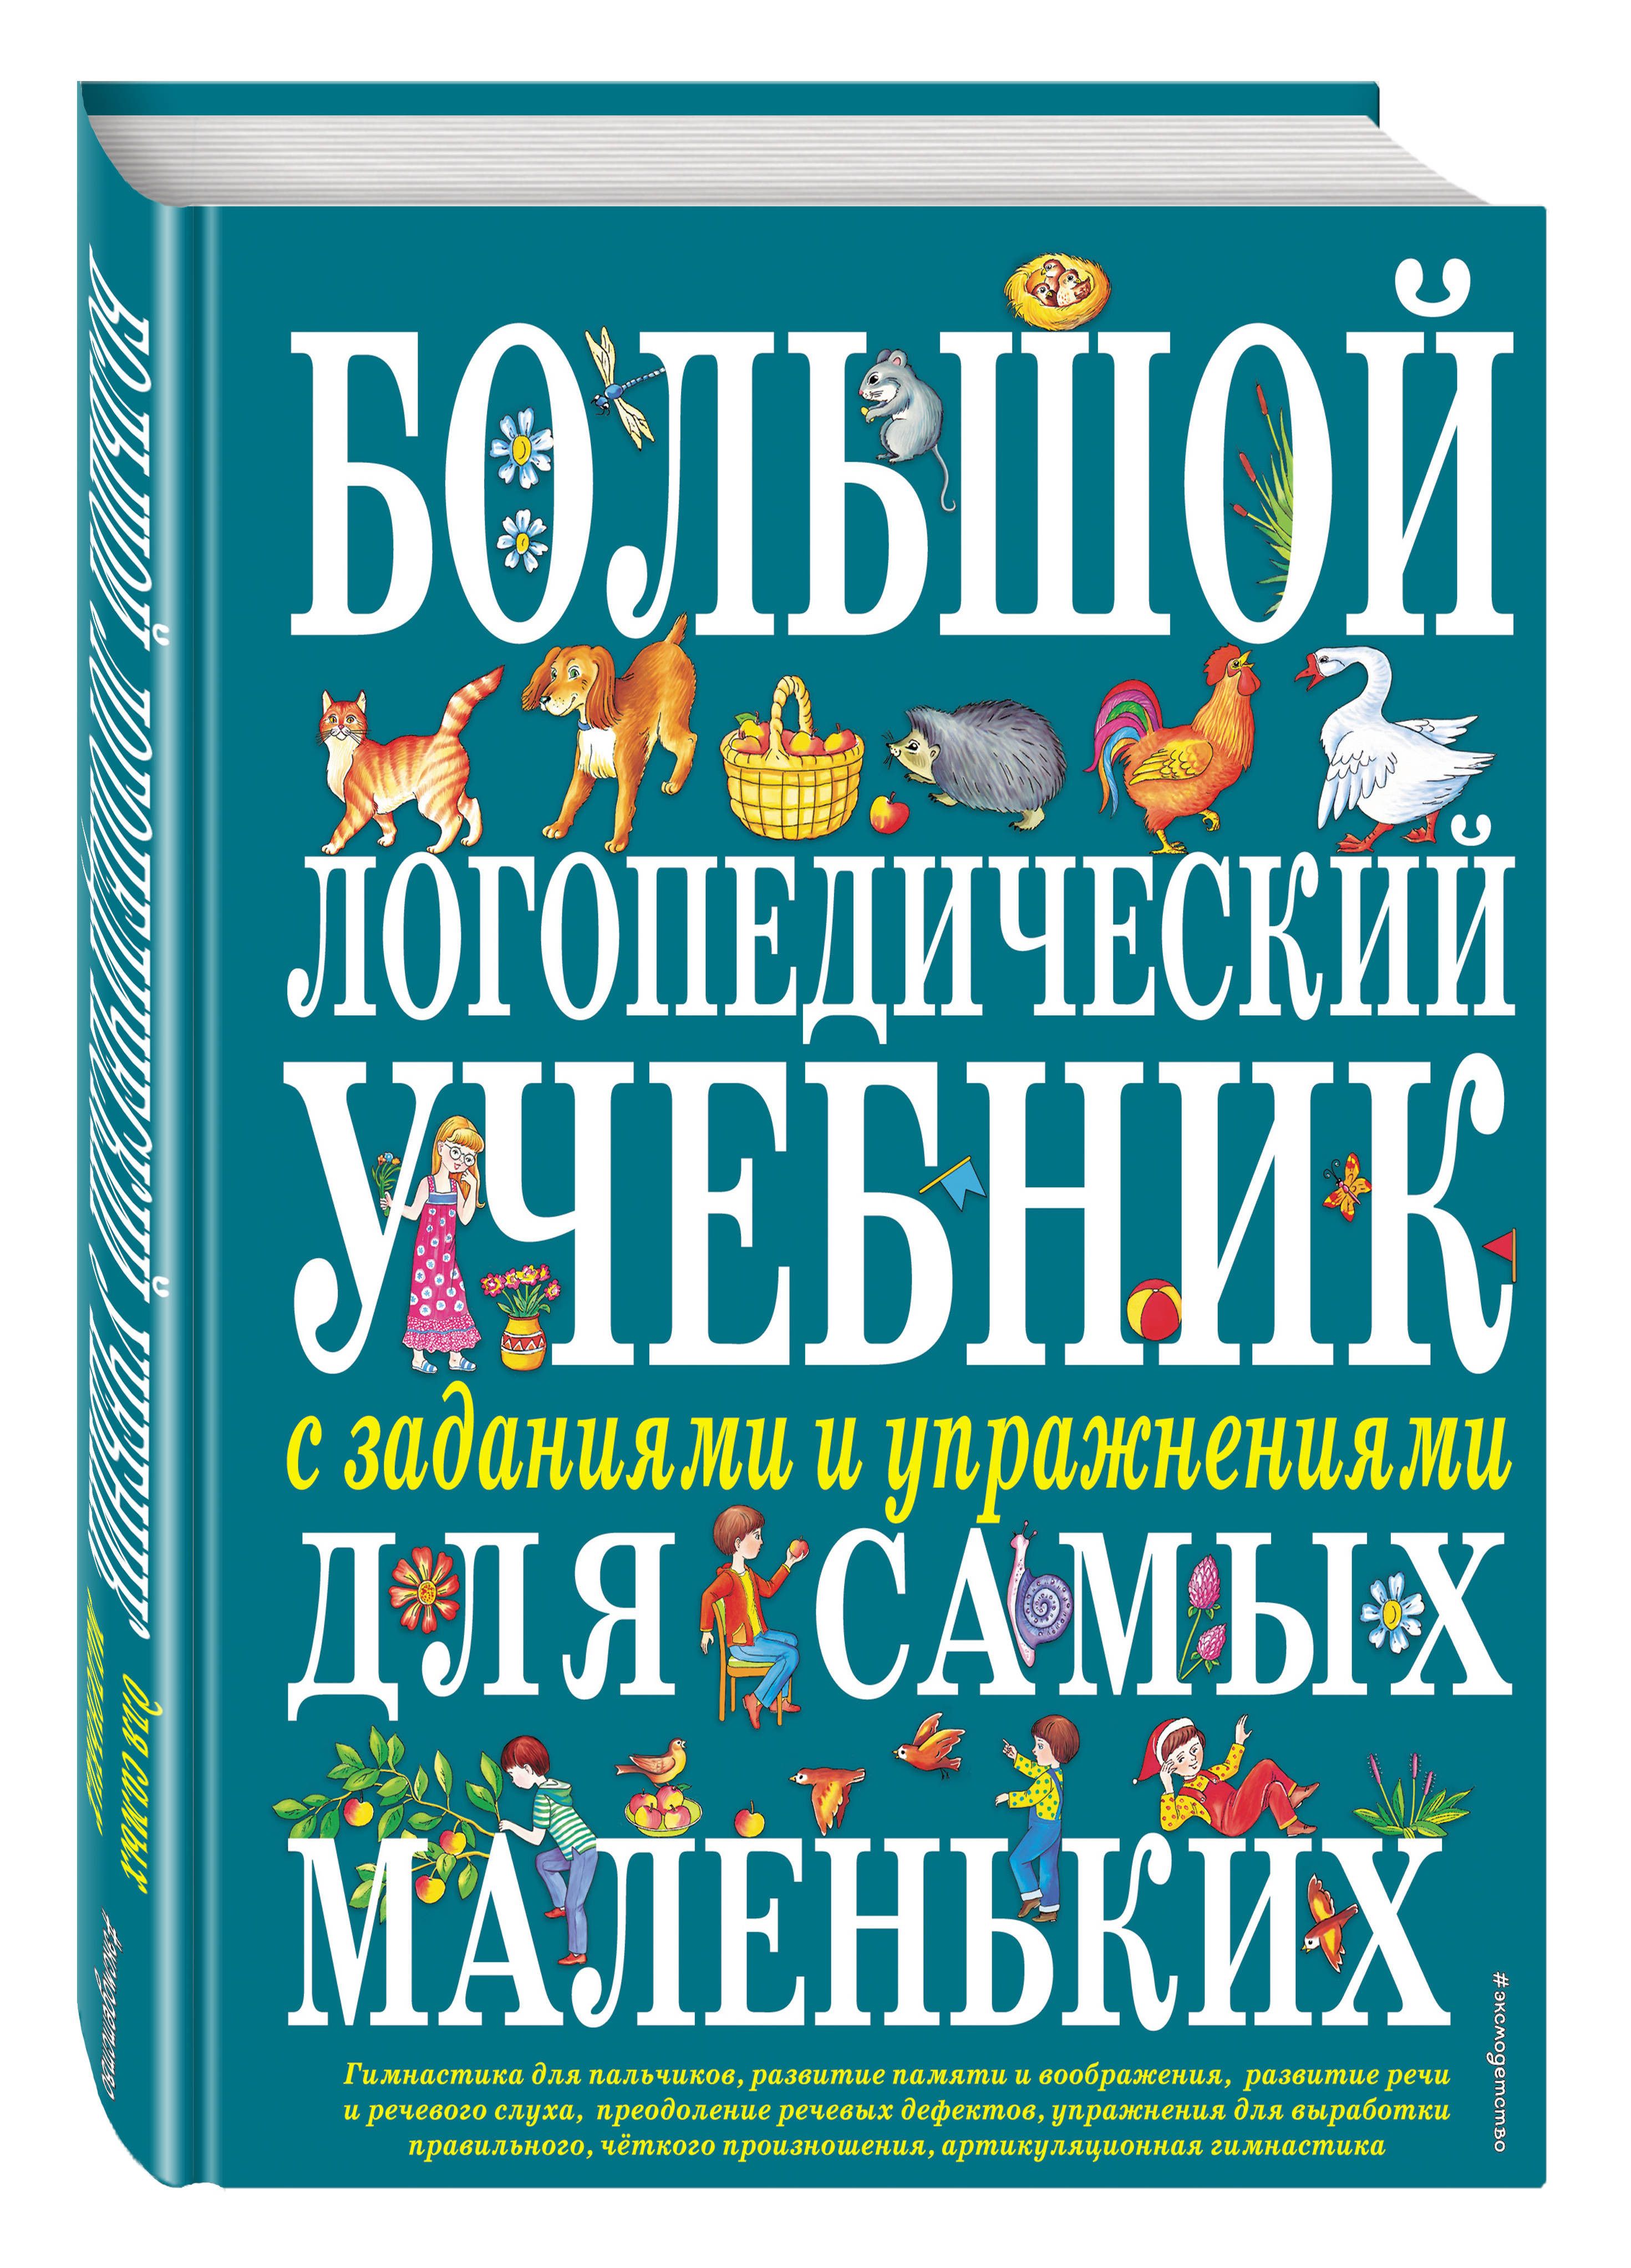 Косинова Е.М. Большой логопедический учебник с заданиями и упражнениями для самых маленьких большой логопедический учебник с заданиями и упражнениями для самых маленьких